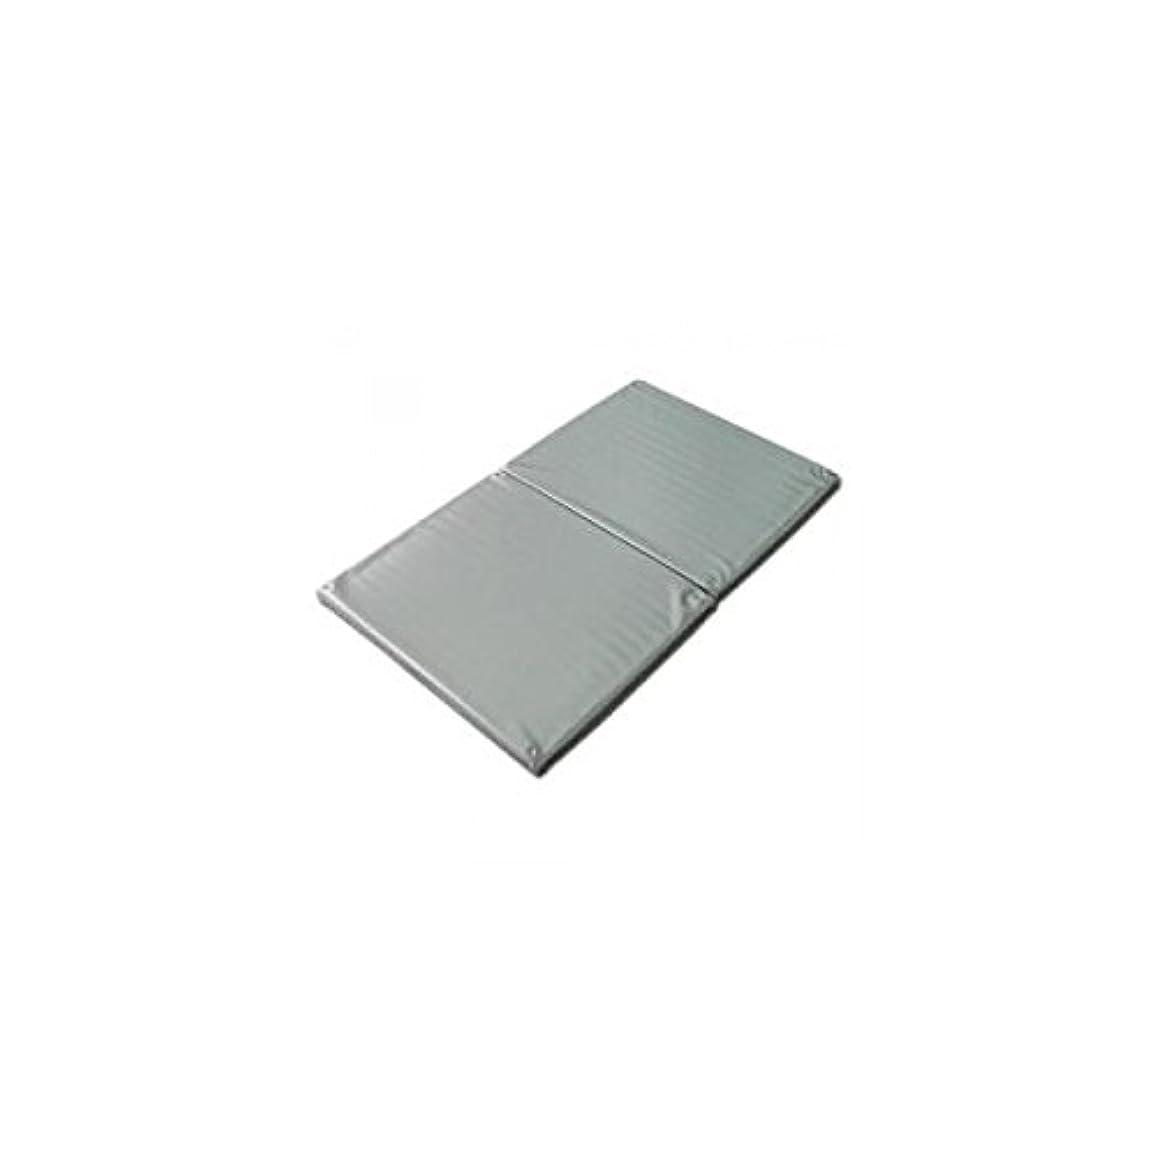 ぶら下がるビル有効なヨックお風呂のマッサージ用マットP(2ツ折)シルバー 120×70cm│防水マッサージマット ポリエチレン製